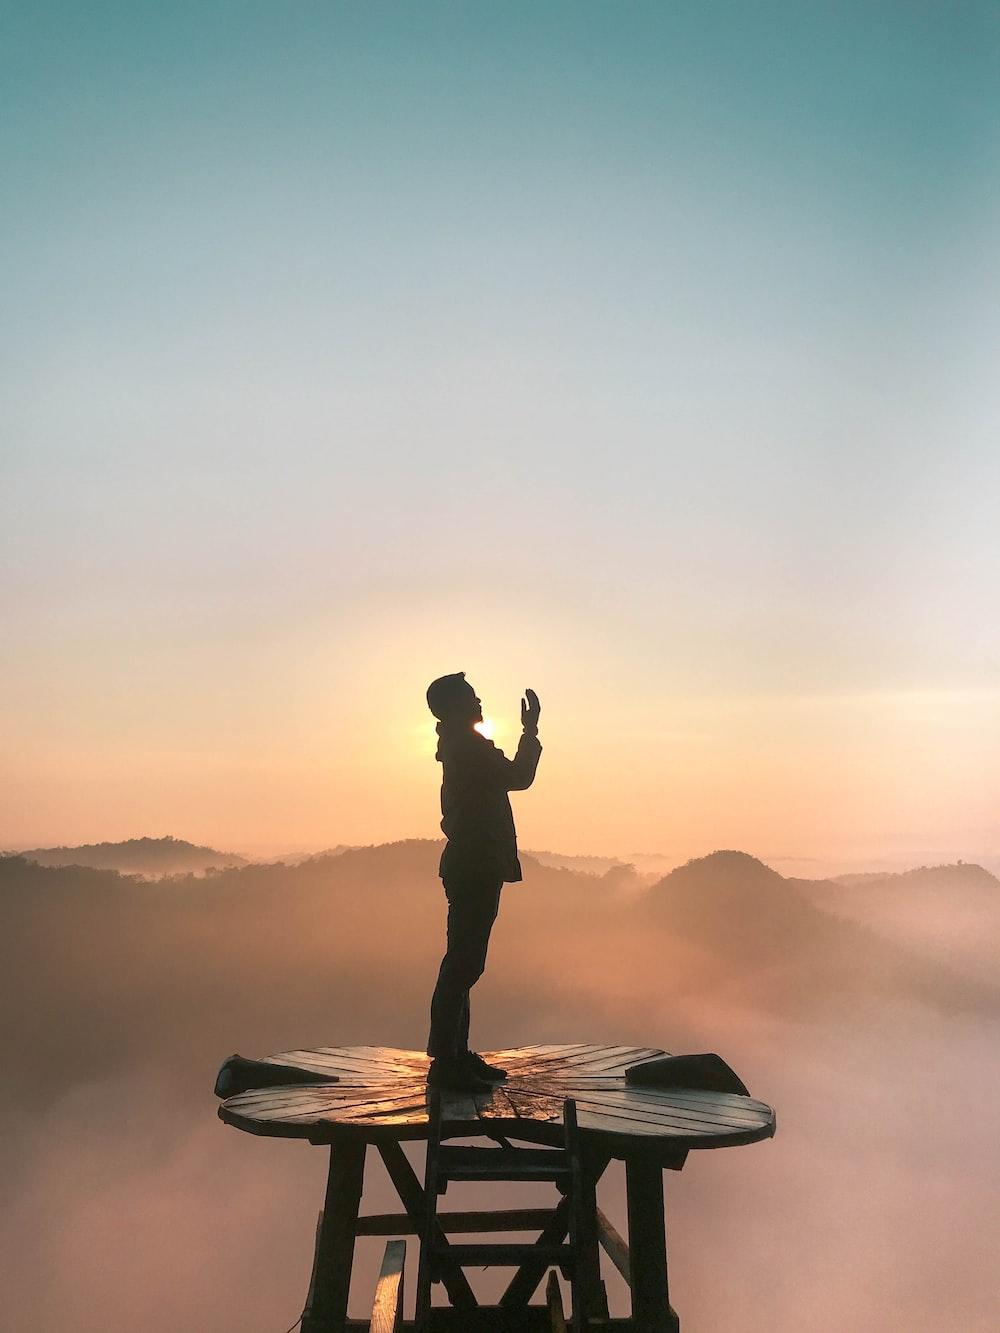 silhouette of praying man